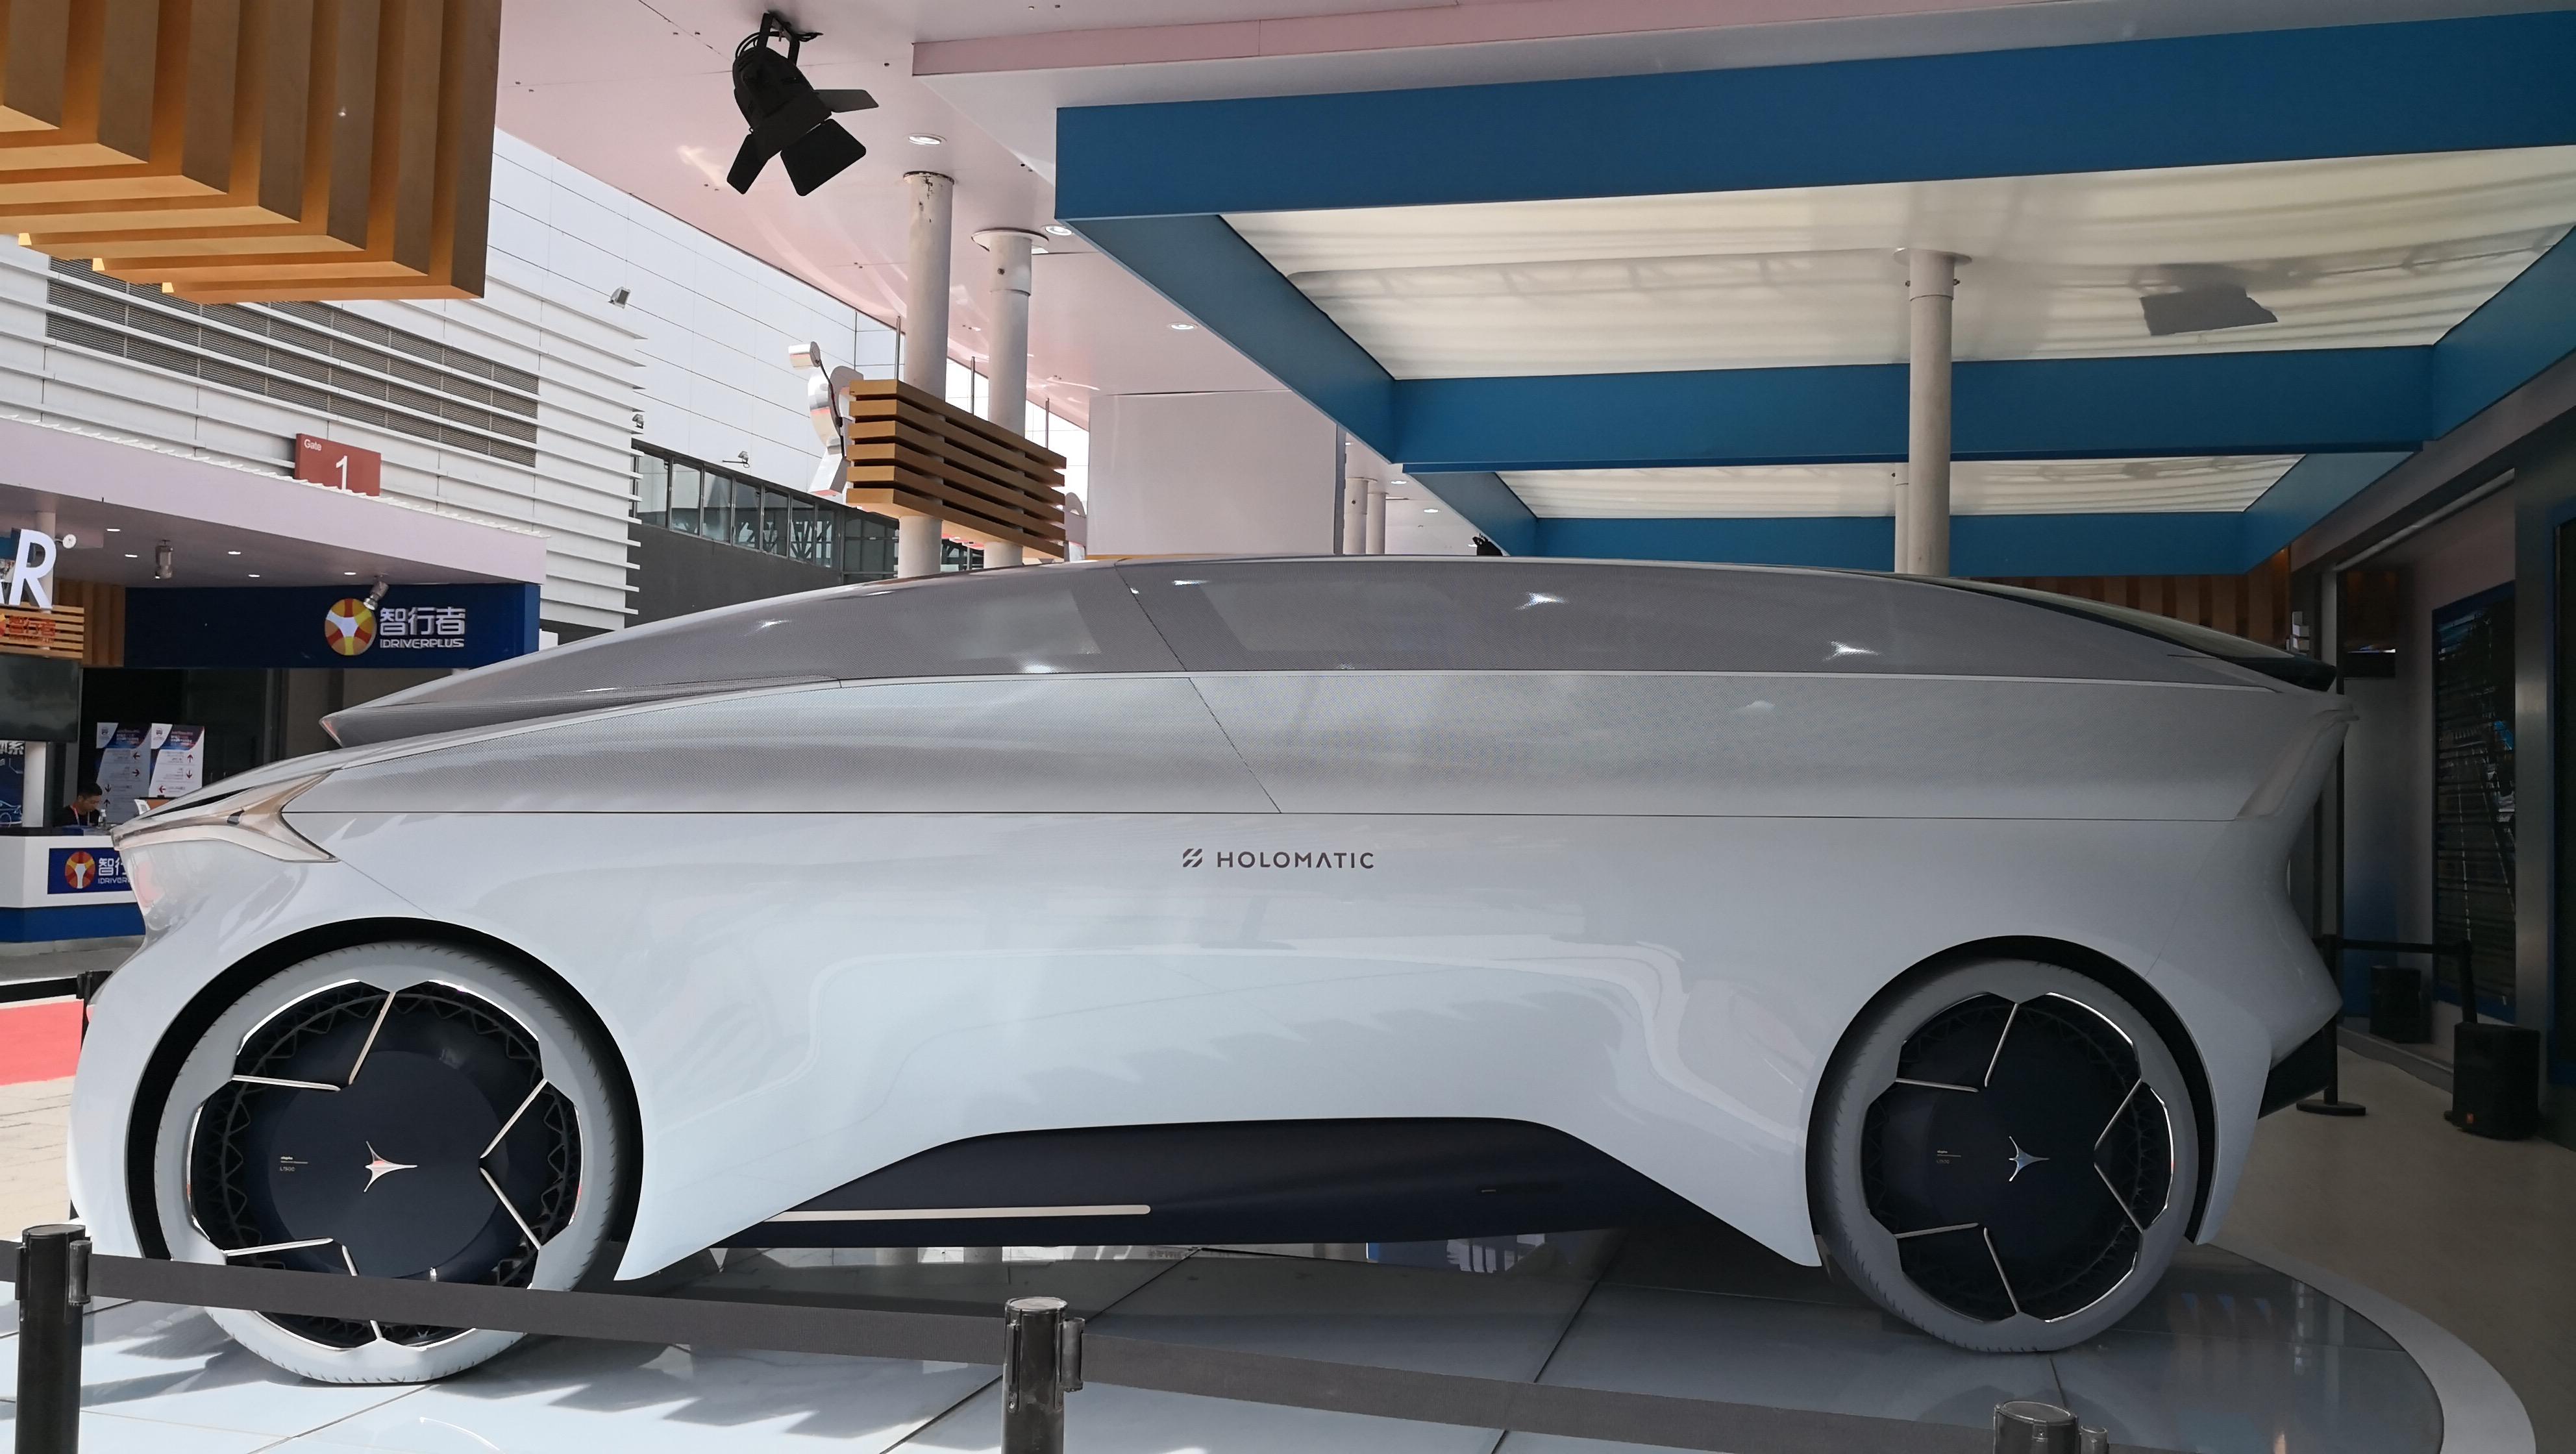 【2018北京车展】容易忽视展车 HoloMatic概念车